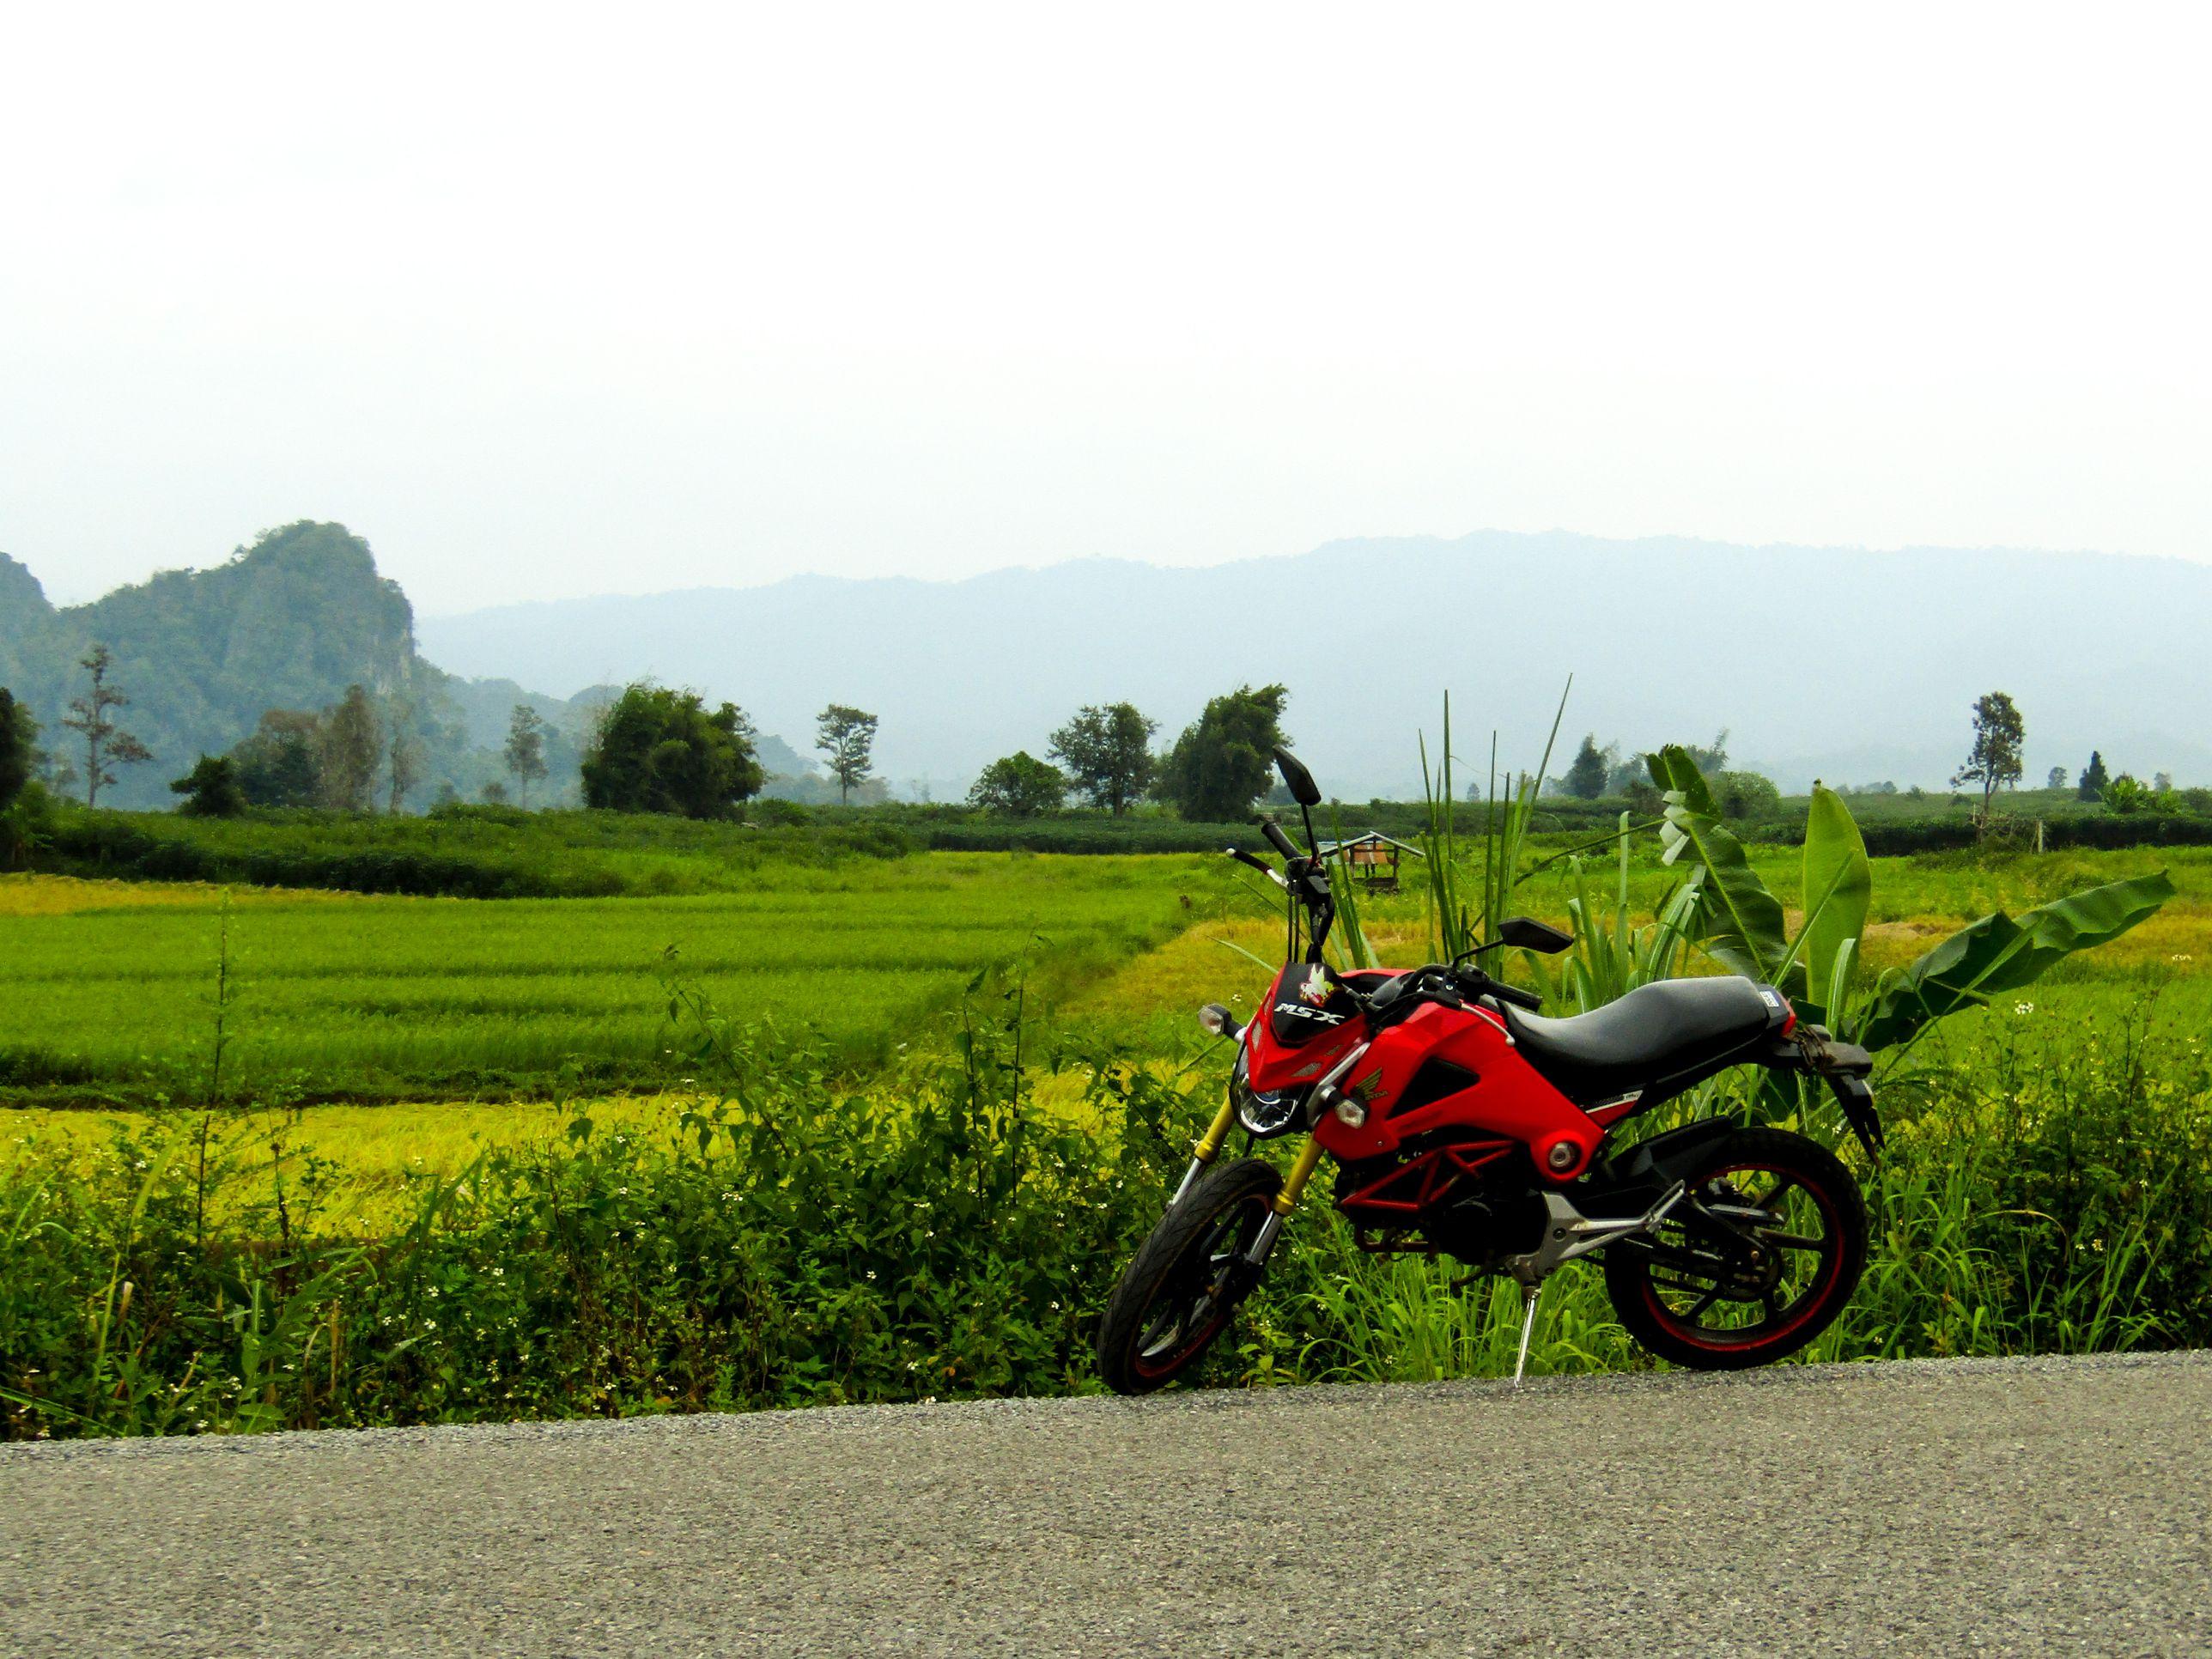 Thakhek Loop - Honda MSX 125ccm